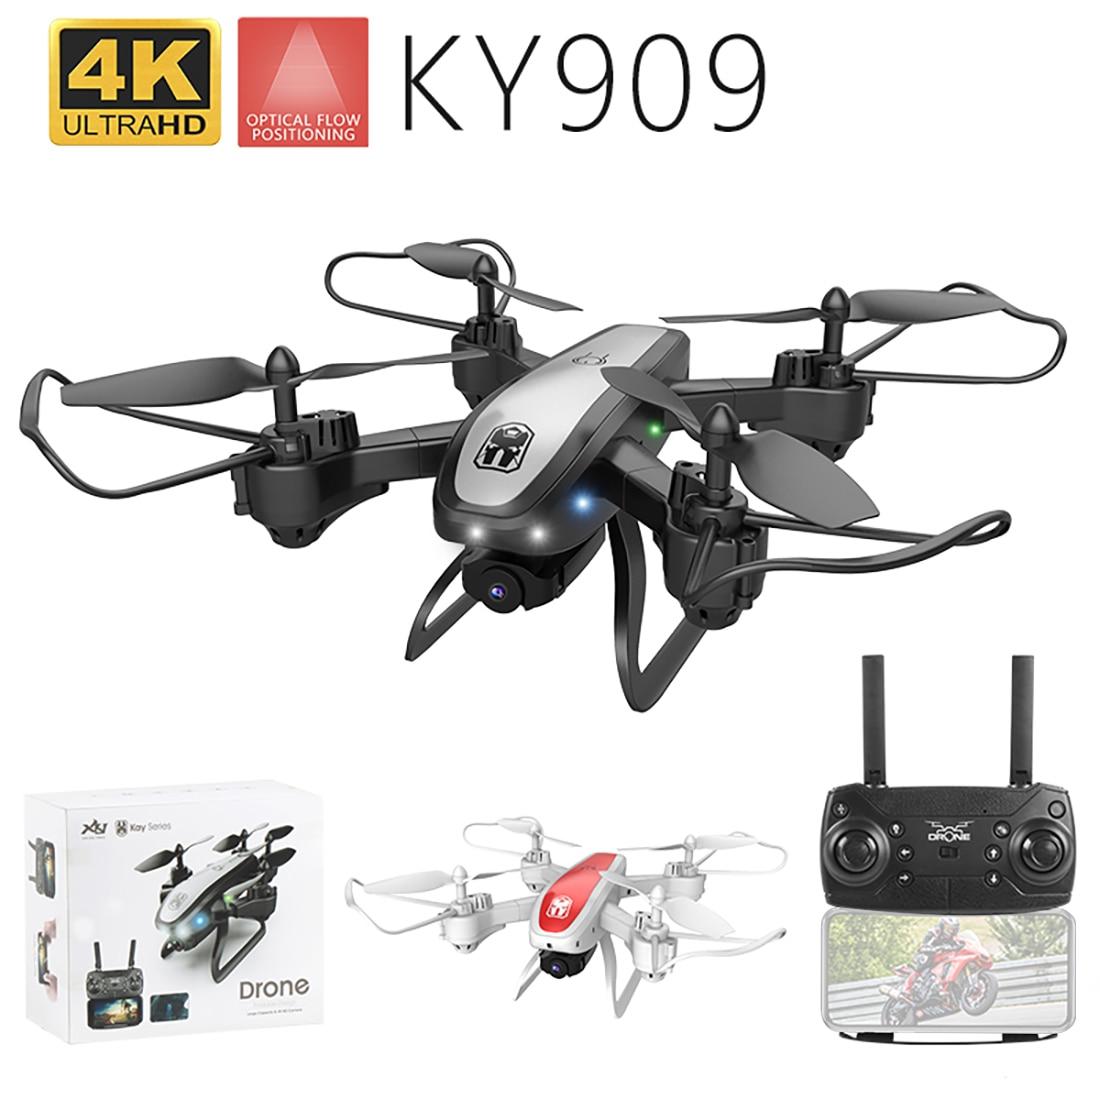 KY909 4K HD камера Дрон FPV Wi-Fi оптическое позиционирование потока RC Квадрокоптер самолет в сложенном виде Высота удерживает длительный срок служ...